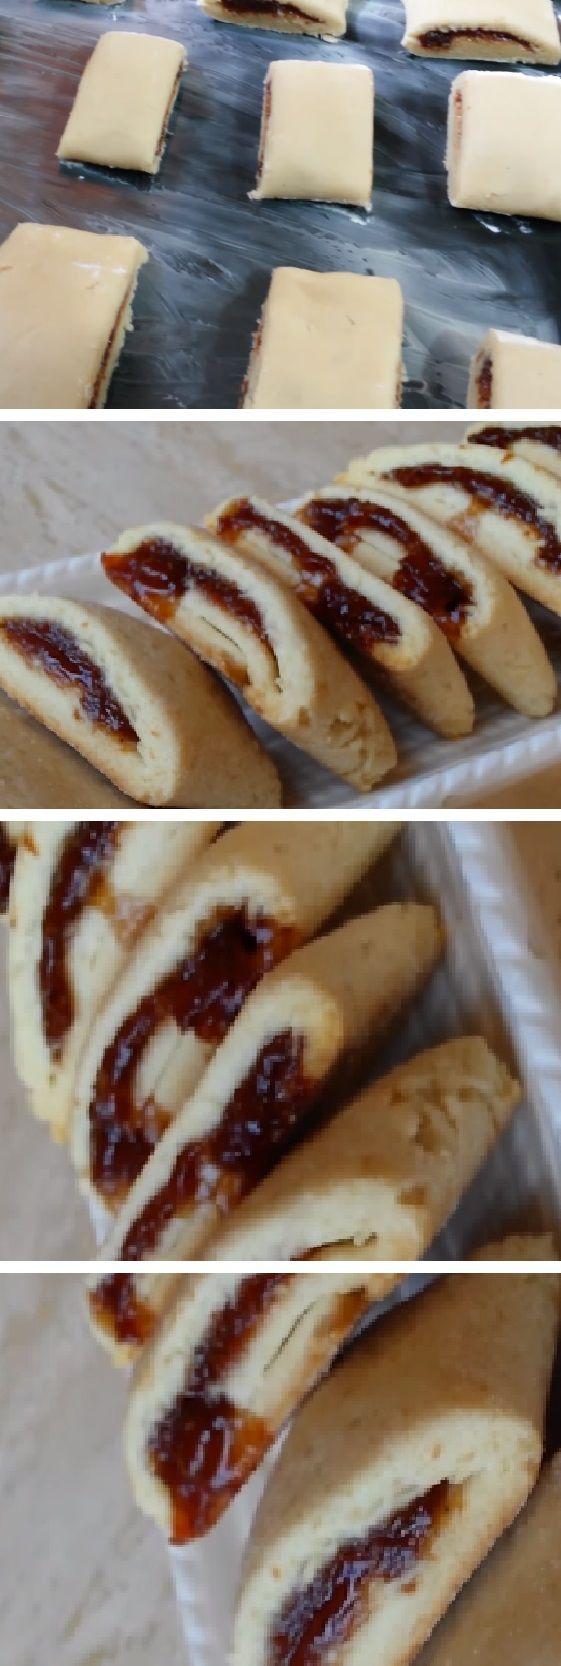 Cómo hacer las Mejores Galletas Newtons del Universo.  #galletas #newtons #lasmejores #thebest #manzana #apple #higos #naranja #orange #vainilla #framboises #frambuesas #jengibre #guayaba #avena #banana  #comohacer #receta #recipe #casero #torta #tartas #pastel #nestlecocina #bizcocho #bizcochuelo #tasty #cocina #chocolate #pan #panes   Si te gusta dinos HOLA y dale a Me Gusta MIREN …